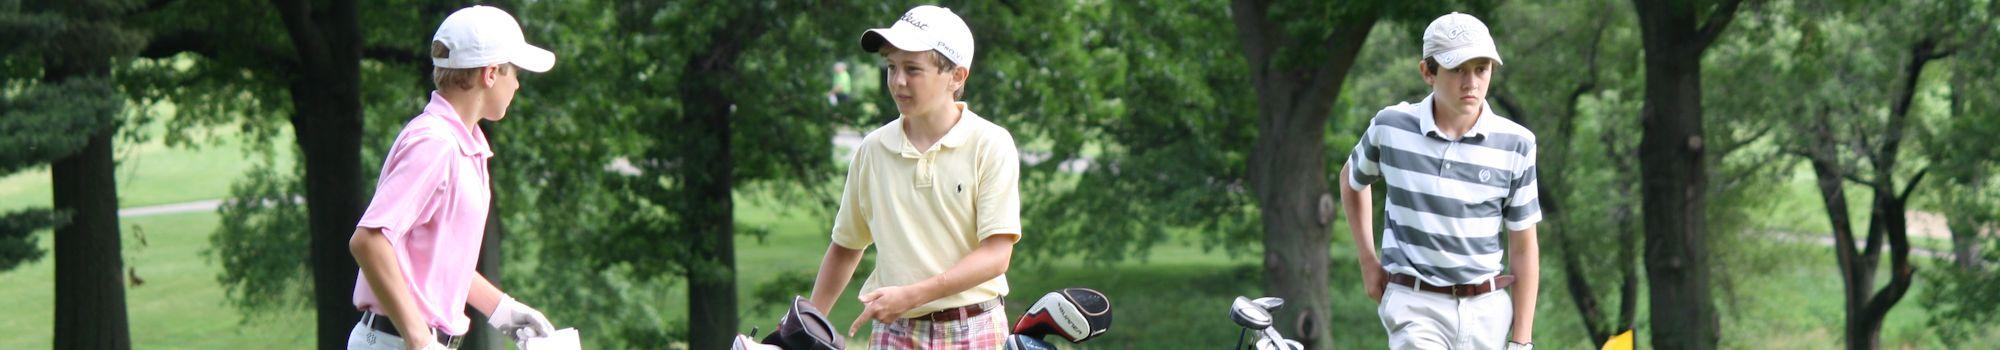 junior-golf-stl1